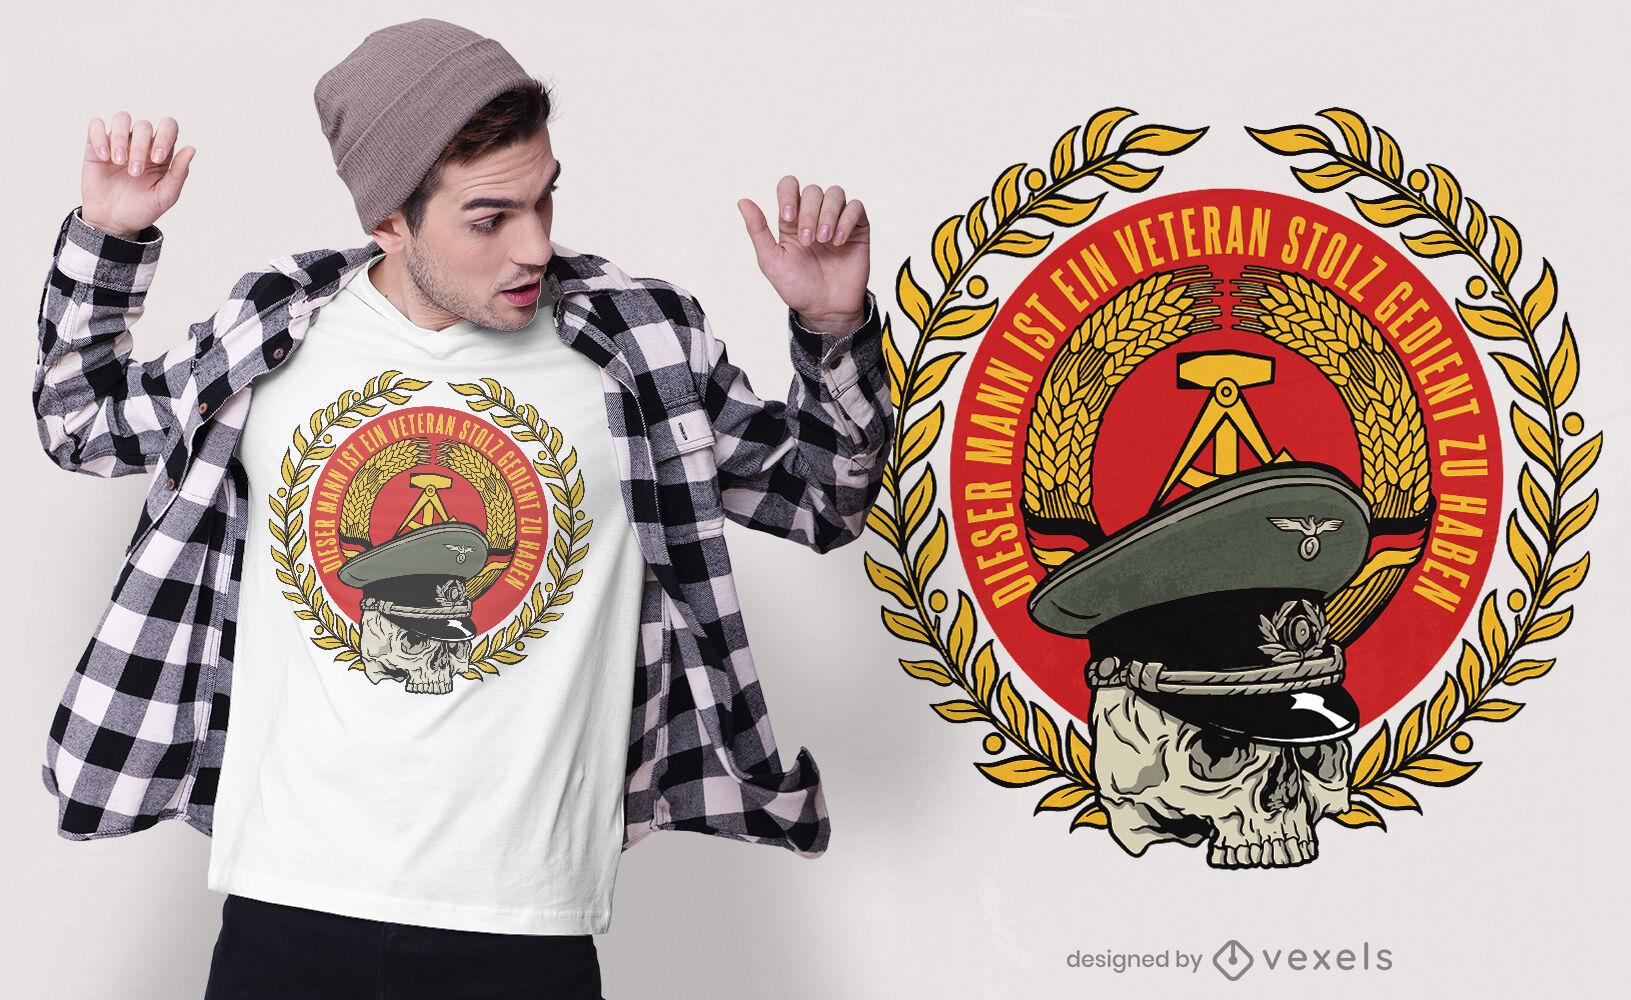 Design de camiseta com crachá do exército veterano alemão